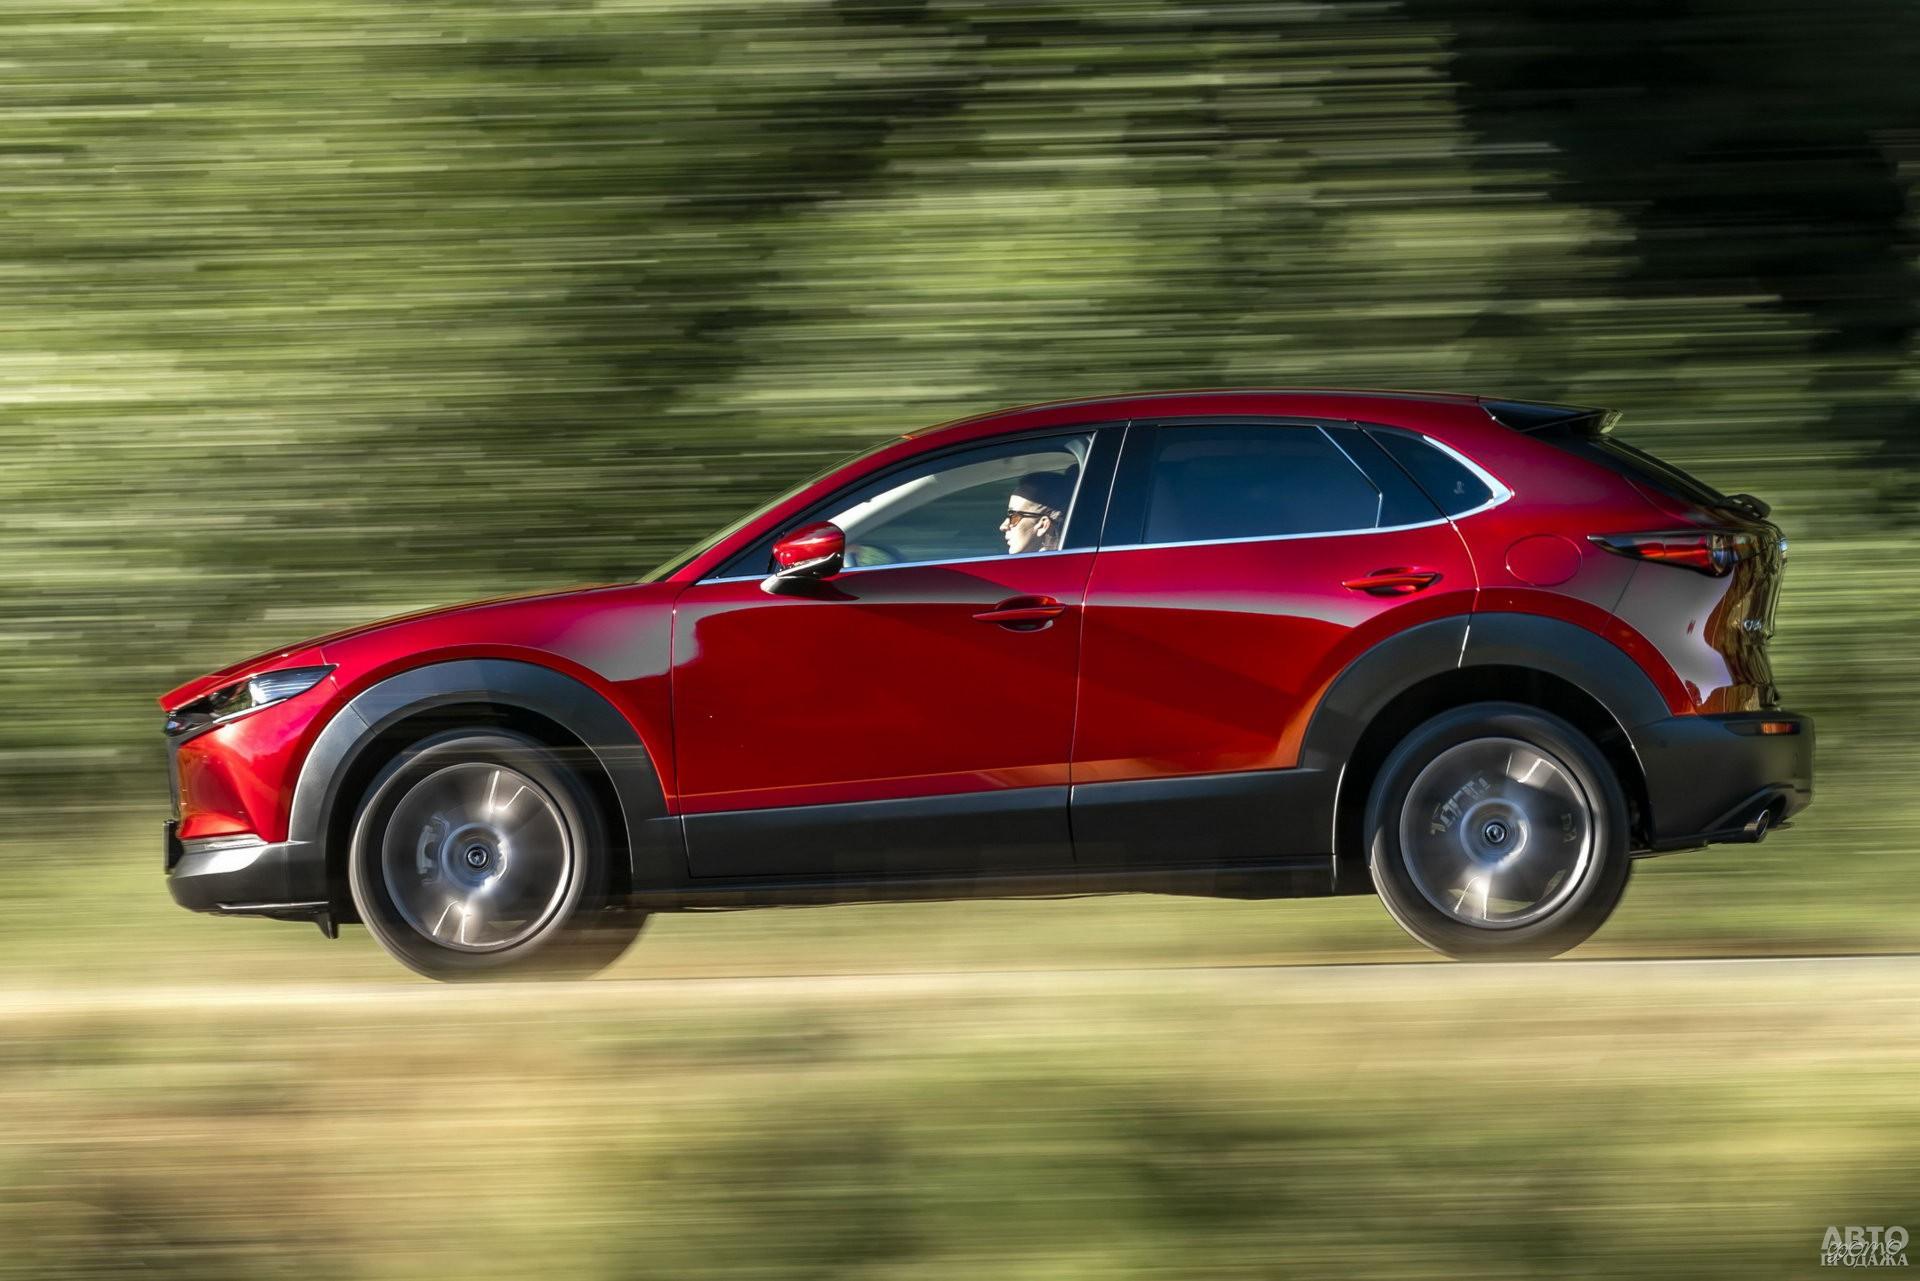 У Mazda – выраженный пластиковый обвес